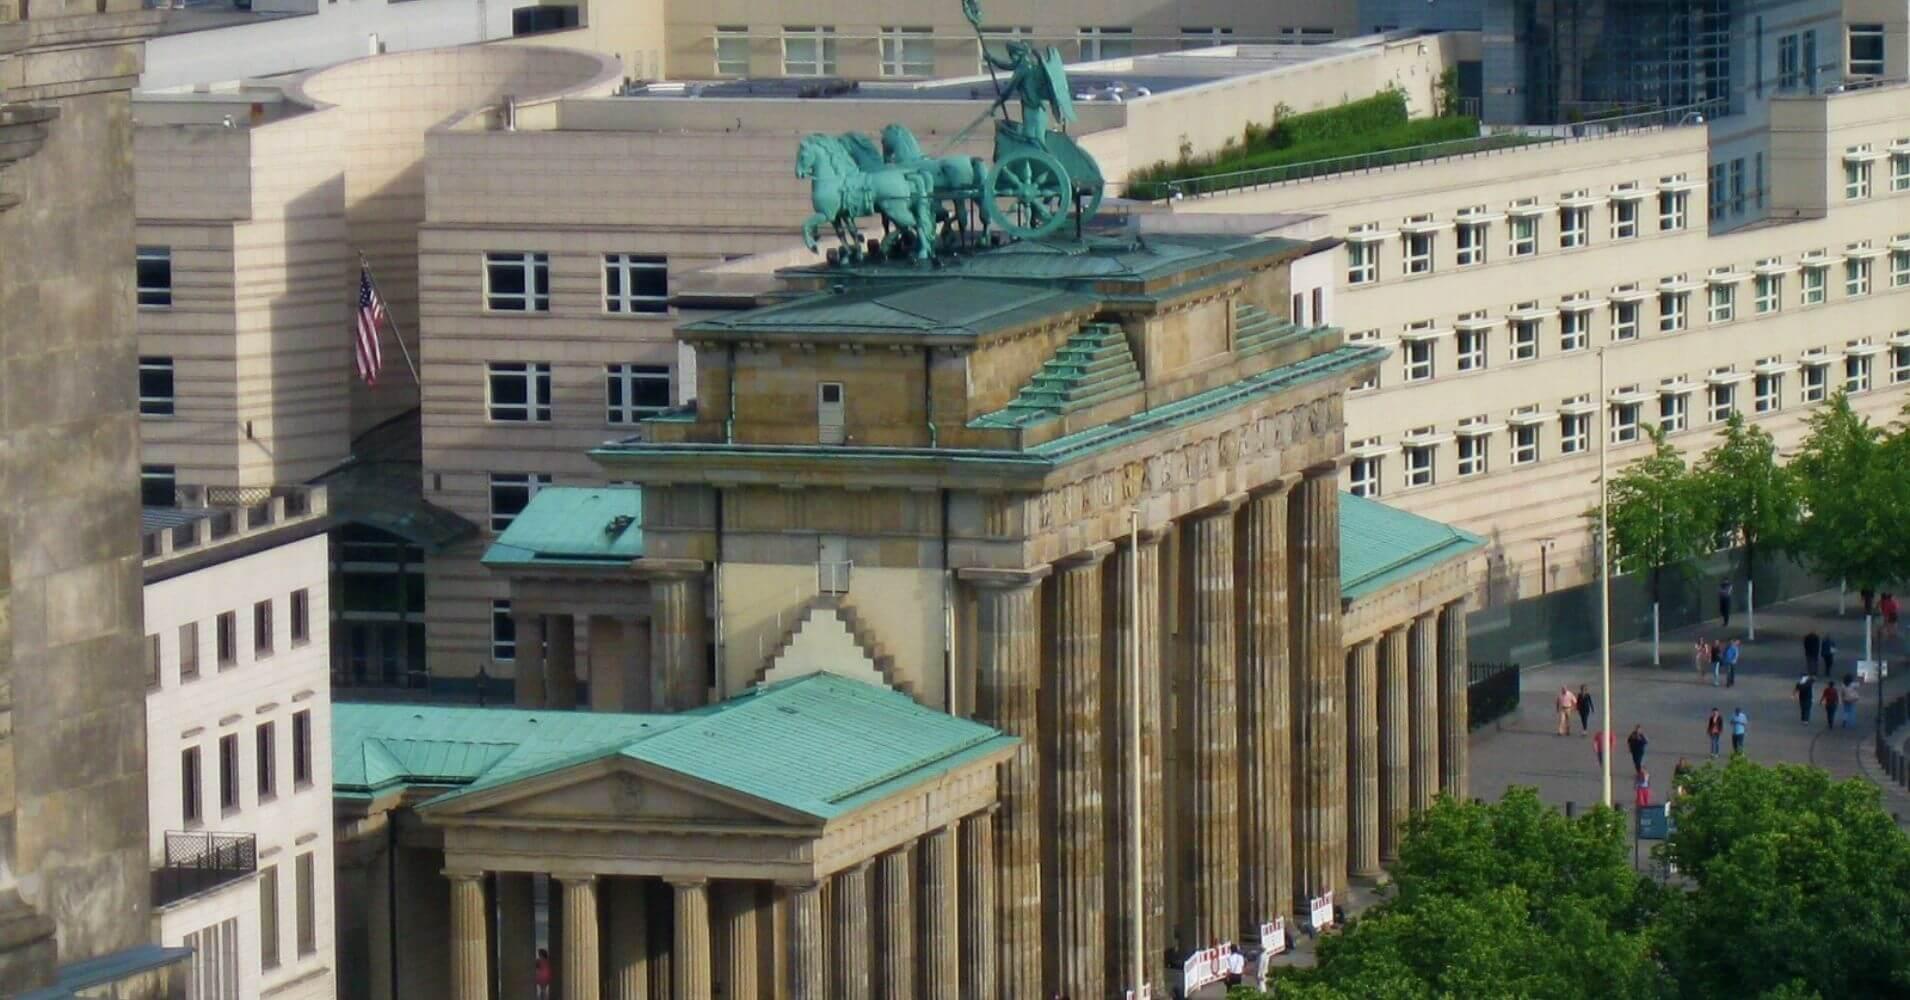 Puerta de Brandeburgo. Berlín. Alemania.